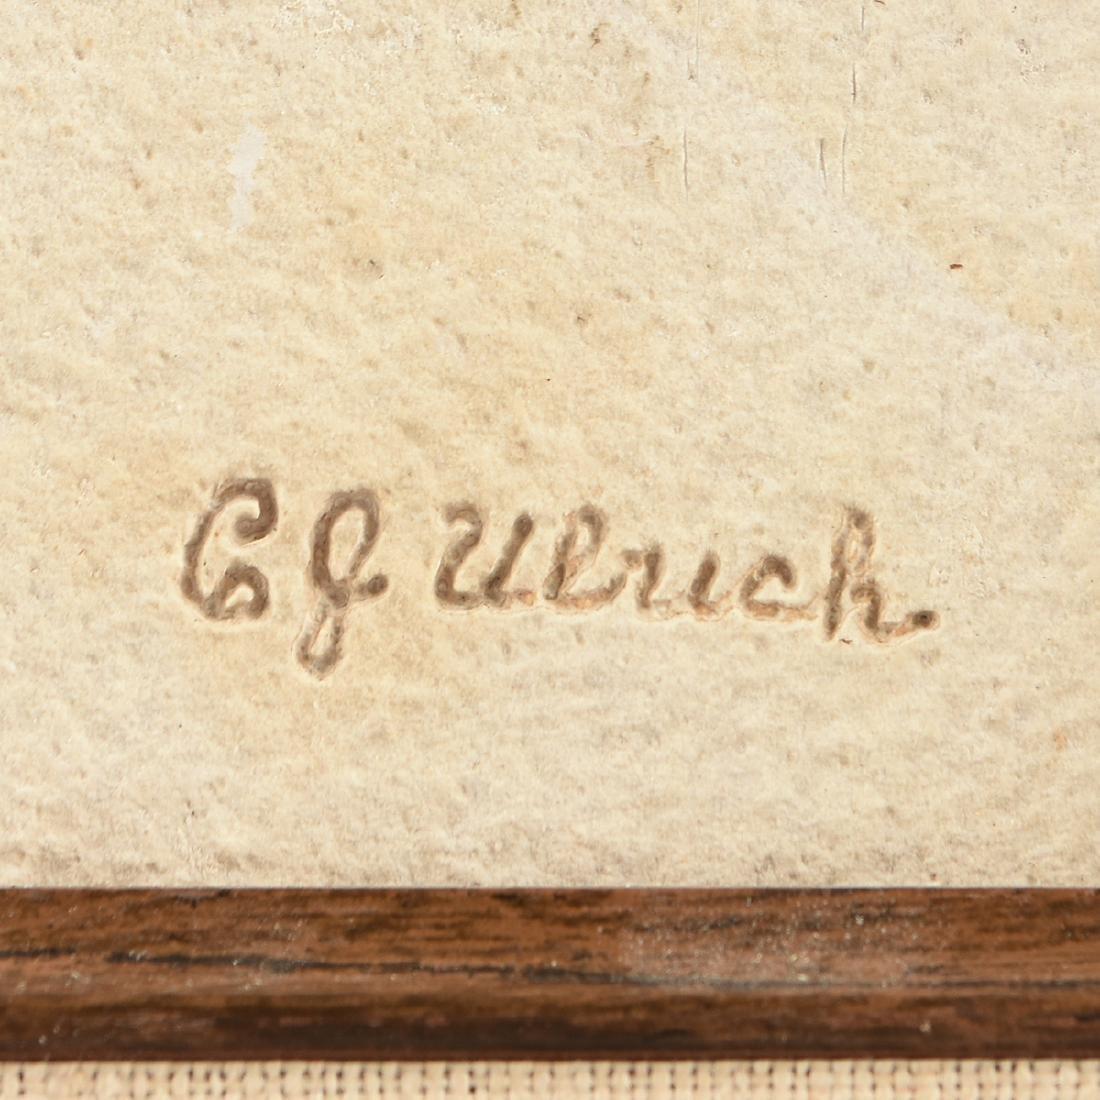 A FOSSIL PREPARED BY CARL JULIUS ULRICH (American - 3